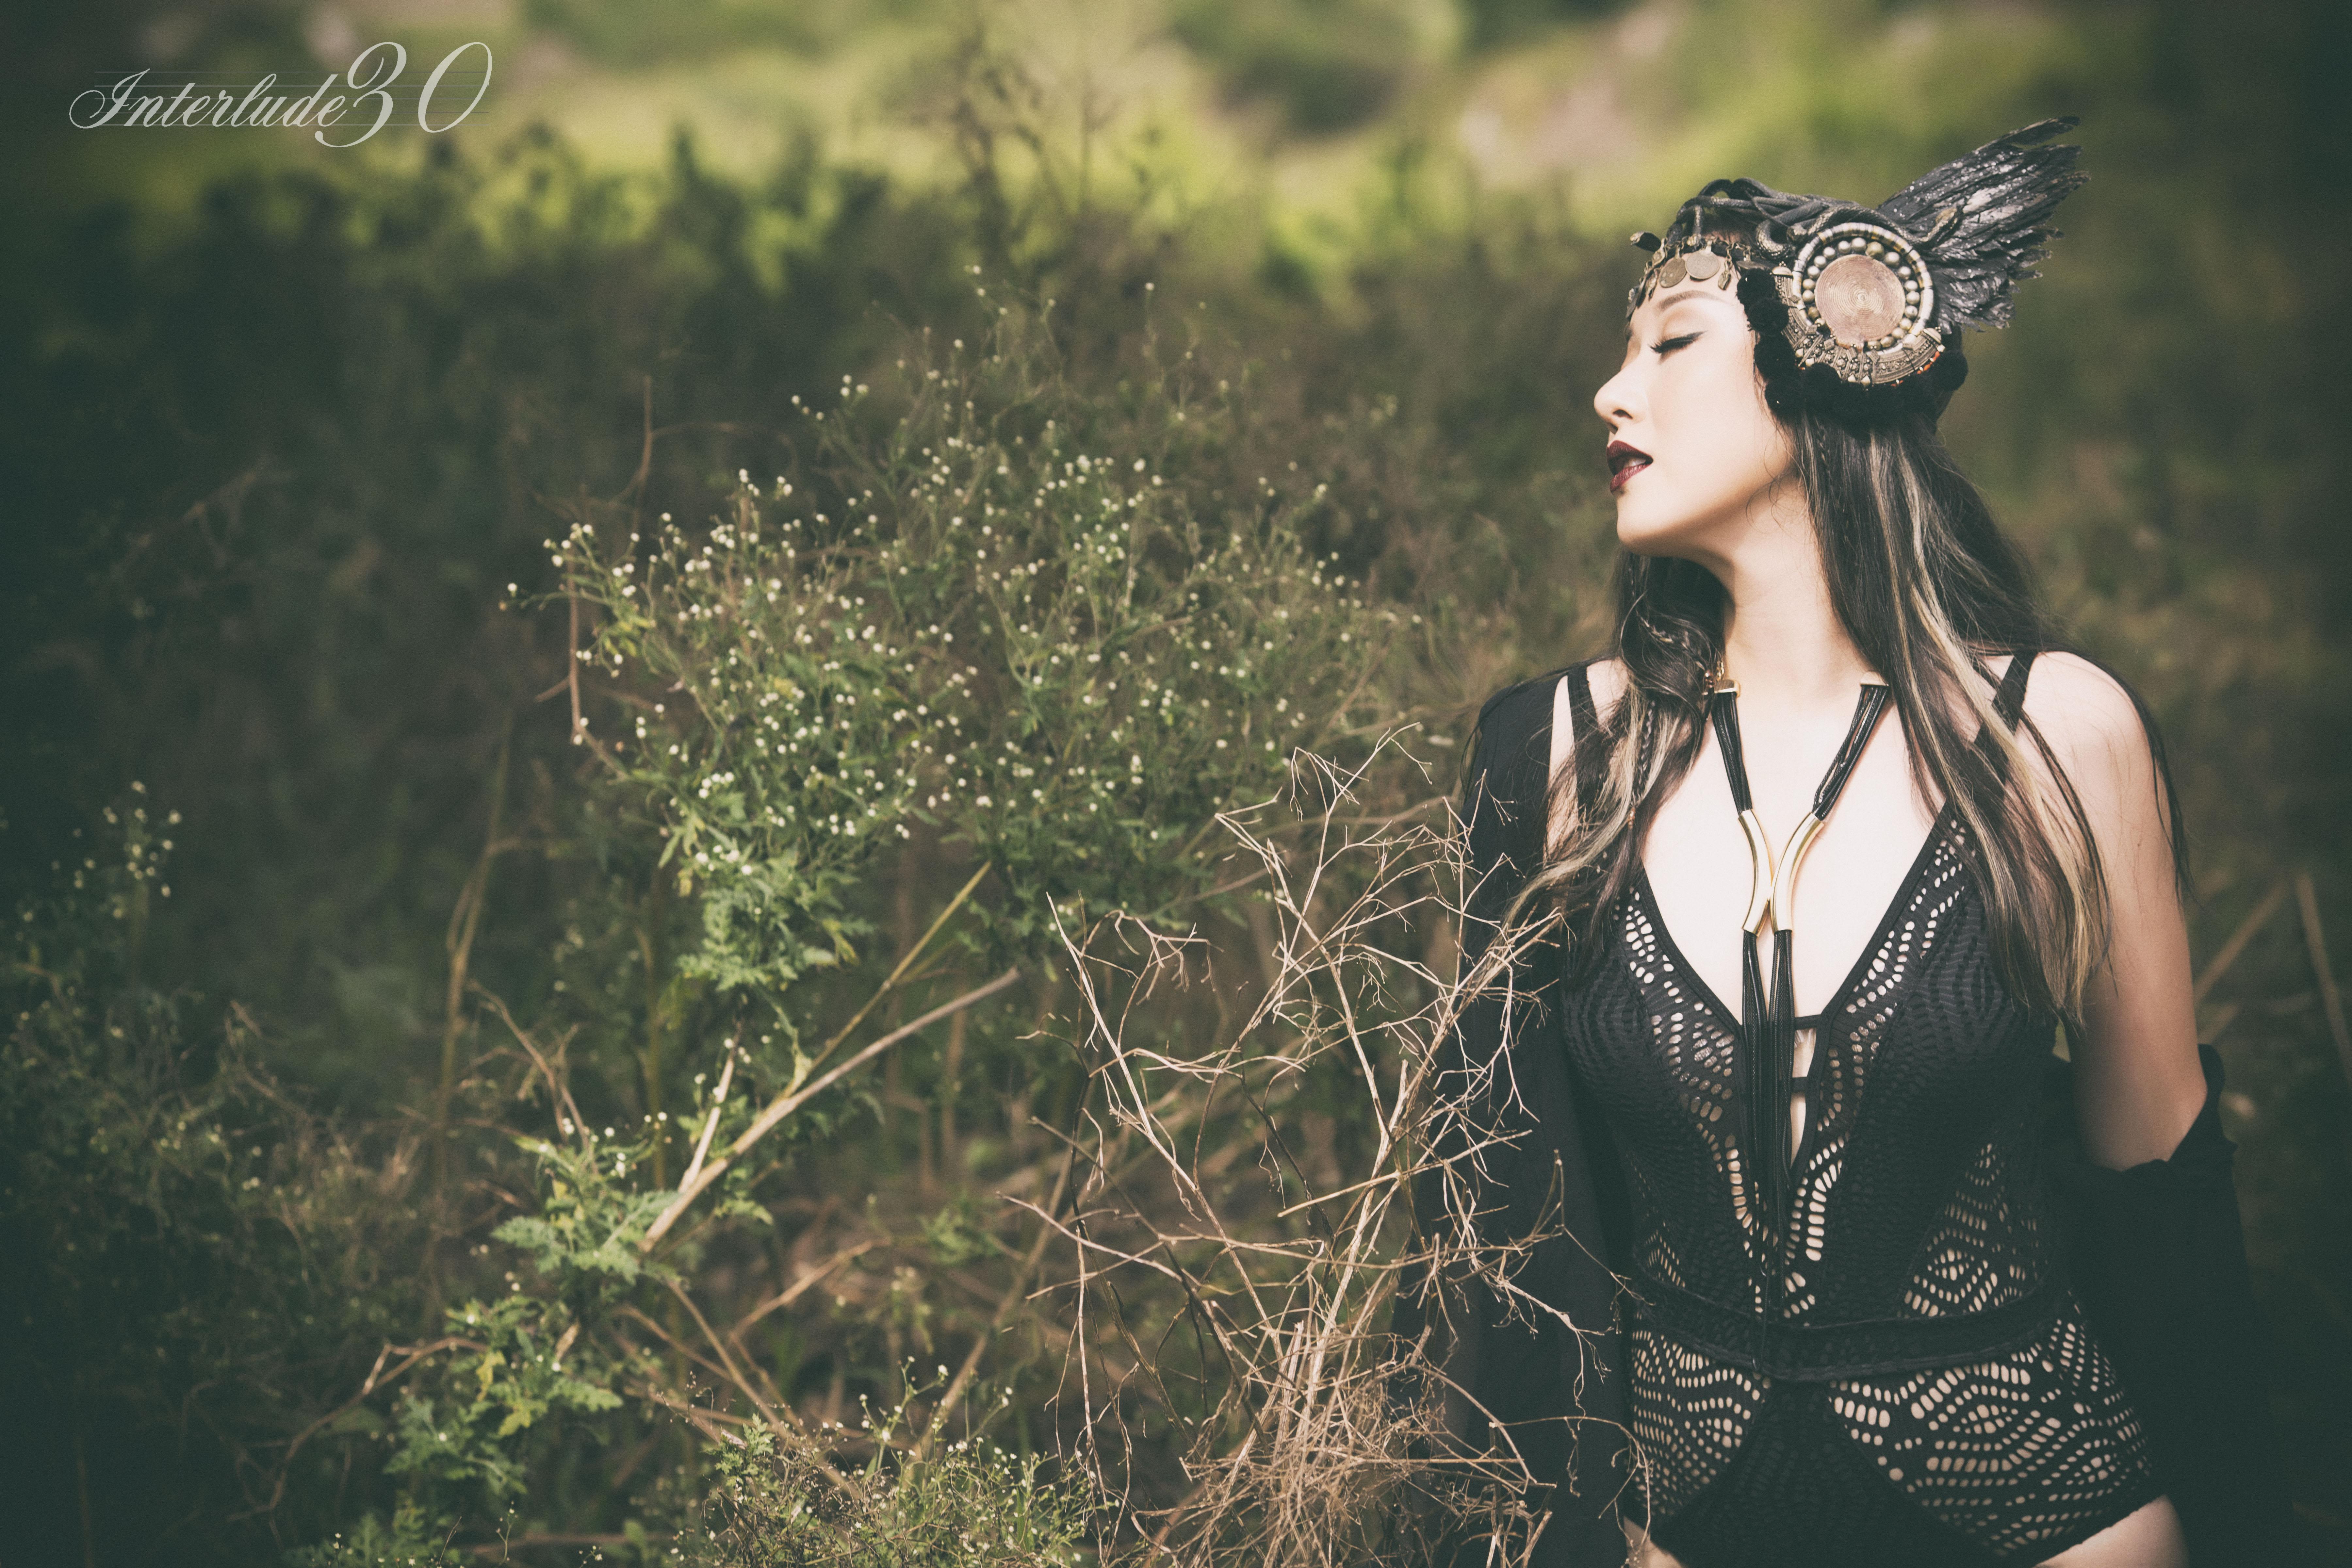 """Hoa hậu Ngô Phương Lan: """"Nỗi đau năm ấy khiến tôi rũ bỏ để sống như một đứa trẻ"""""""